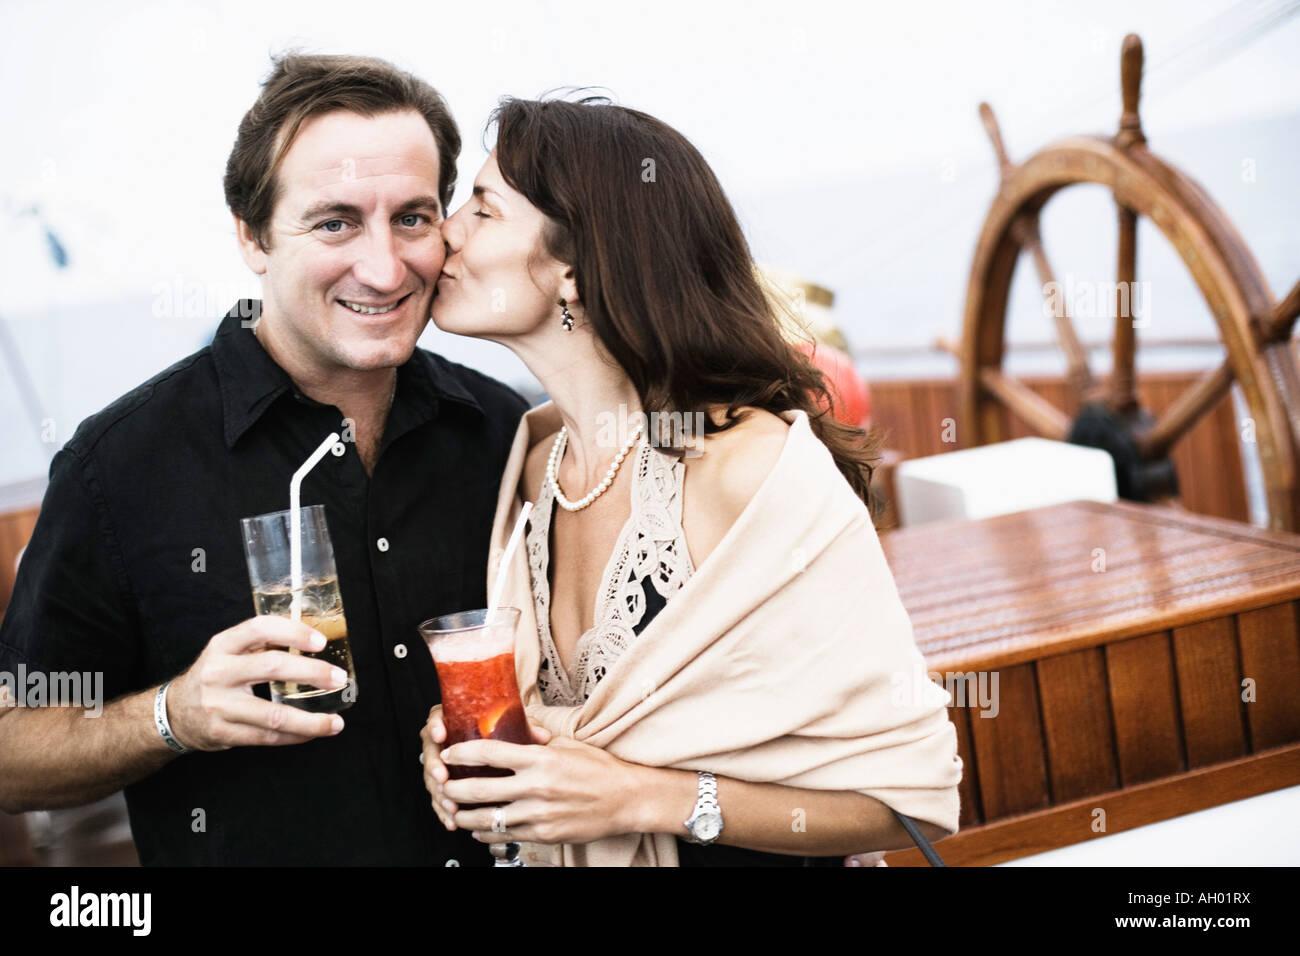 Mitte Erwachsene Frau küssen einen Mitte erwachsenen Mann auf einem Segelschiff Stockbild